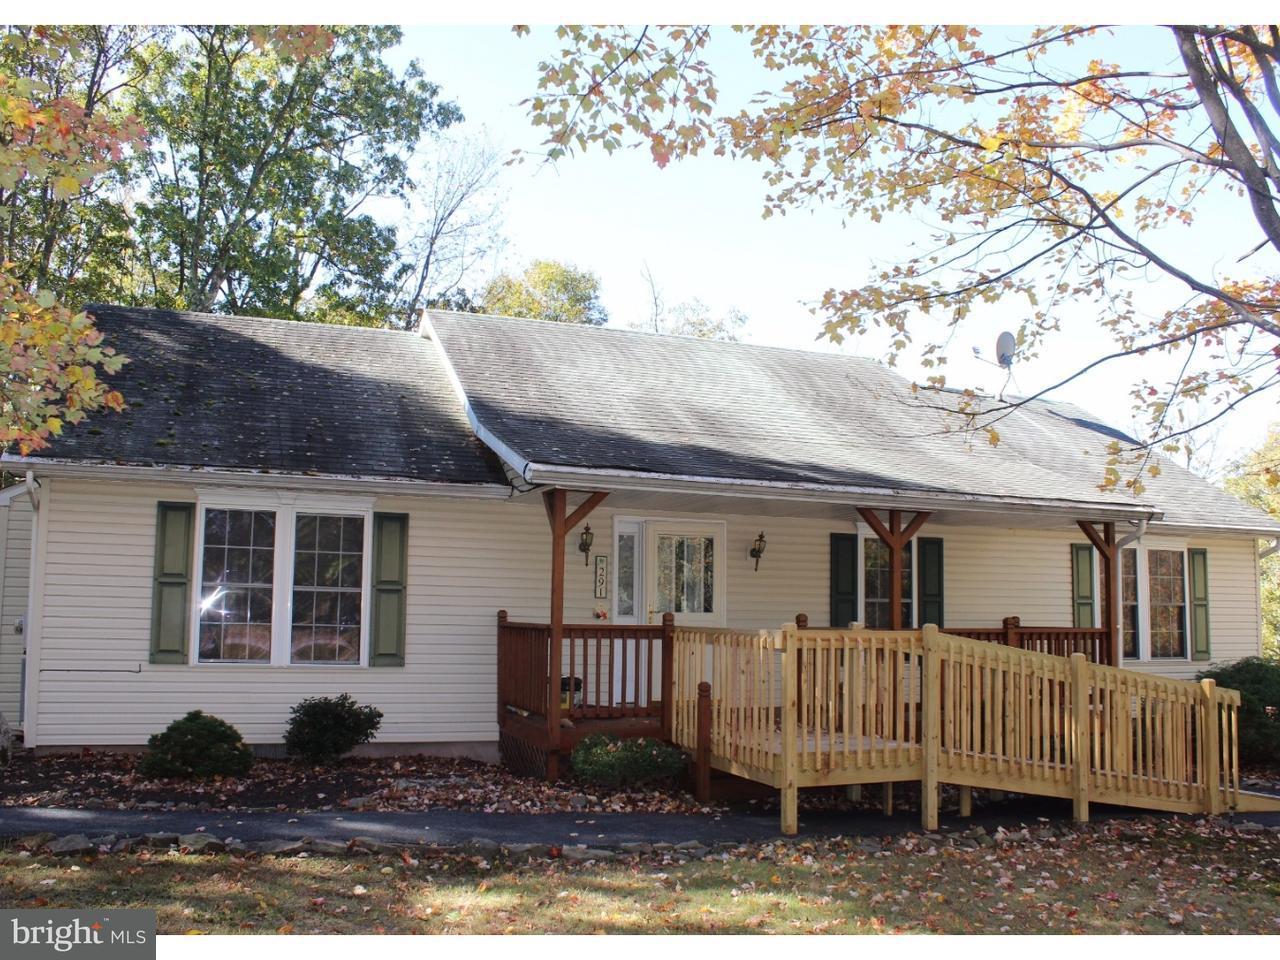 Maison unifamiliale pour l Vente à 291 W SPRING MOUNTAIN Drive Zion Grove, Pennsylvanie 18242 États-Unis